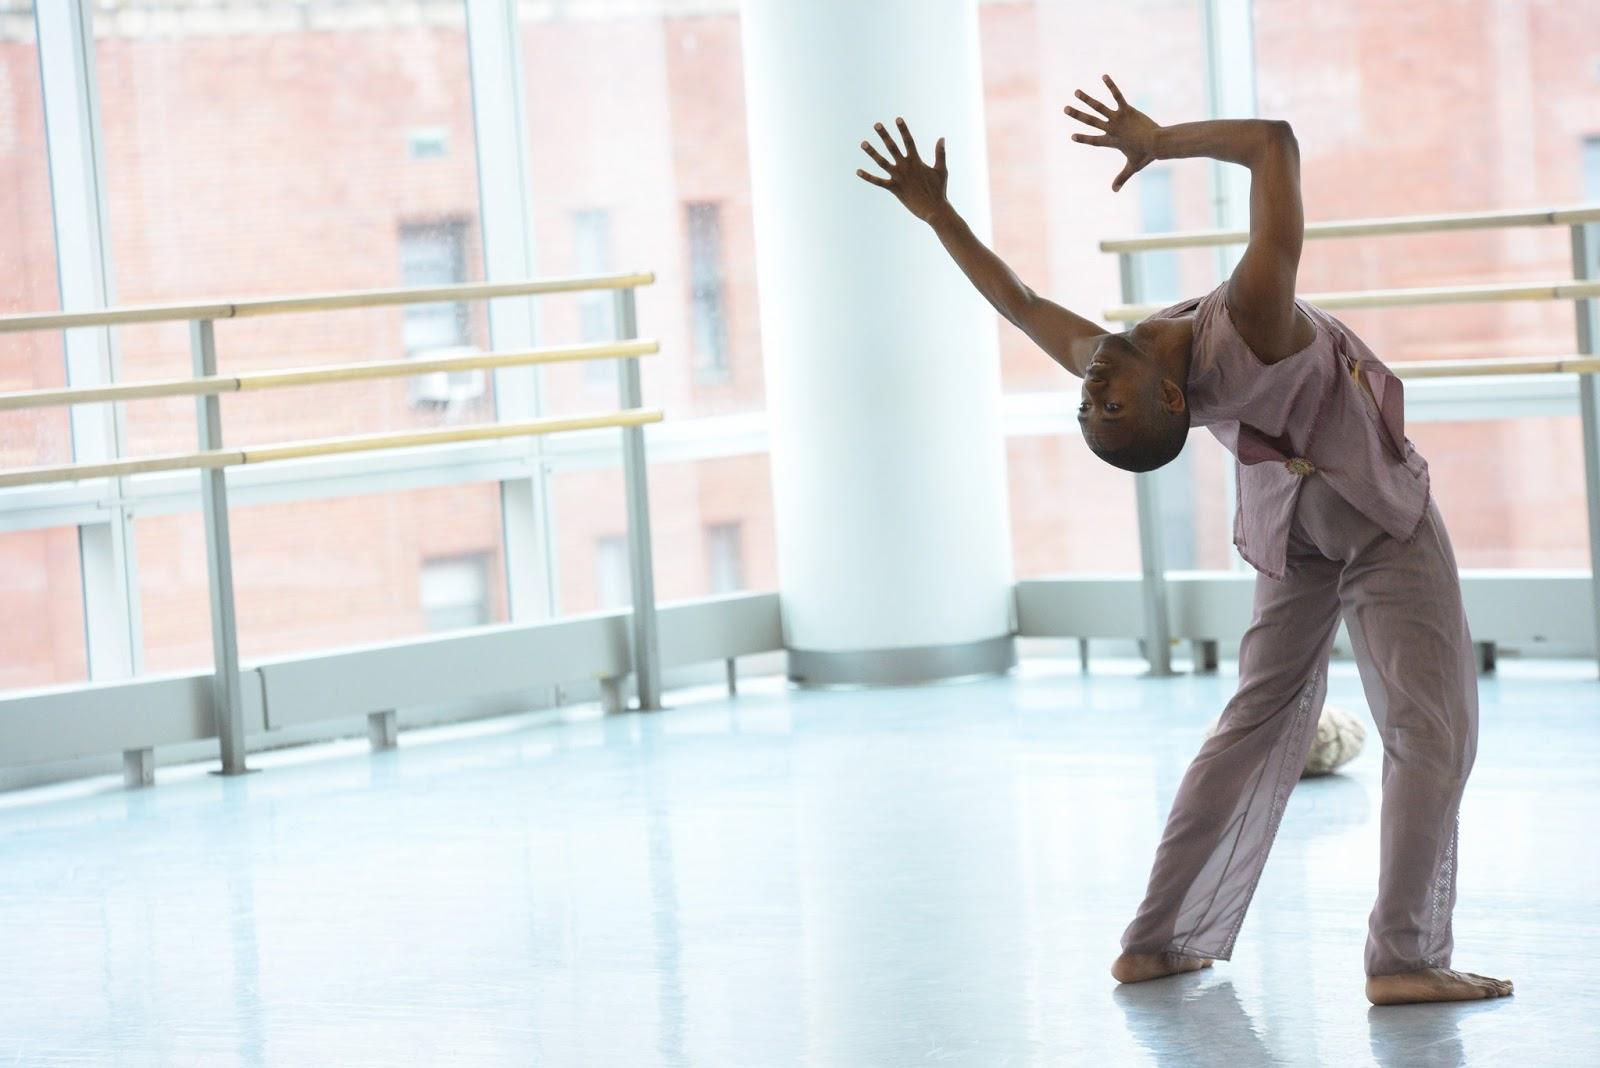 InfiniteBody: Dancemaker Amanda Selwyn: What makes us human